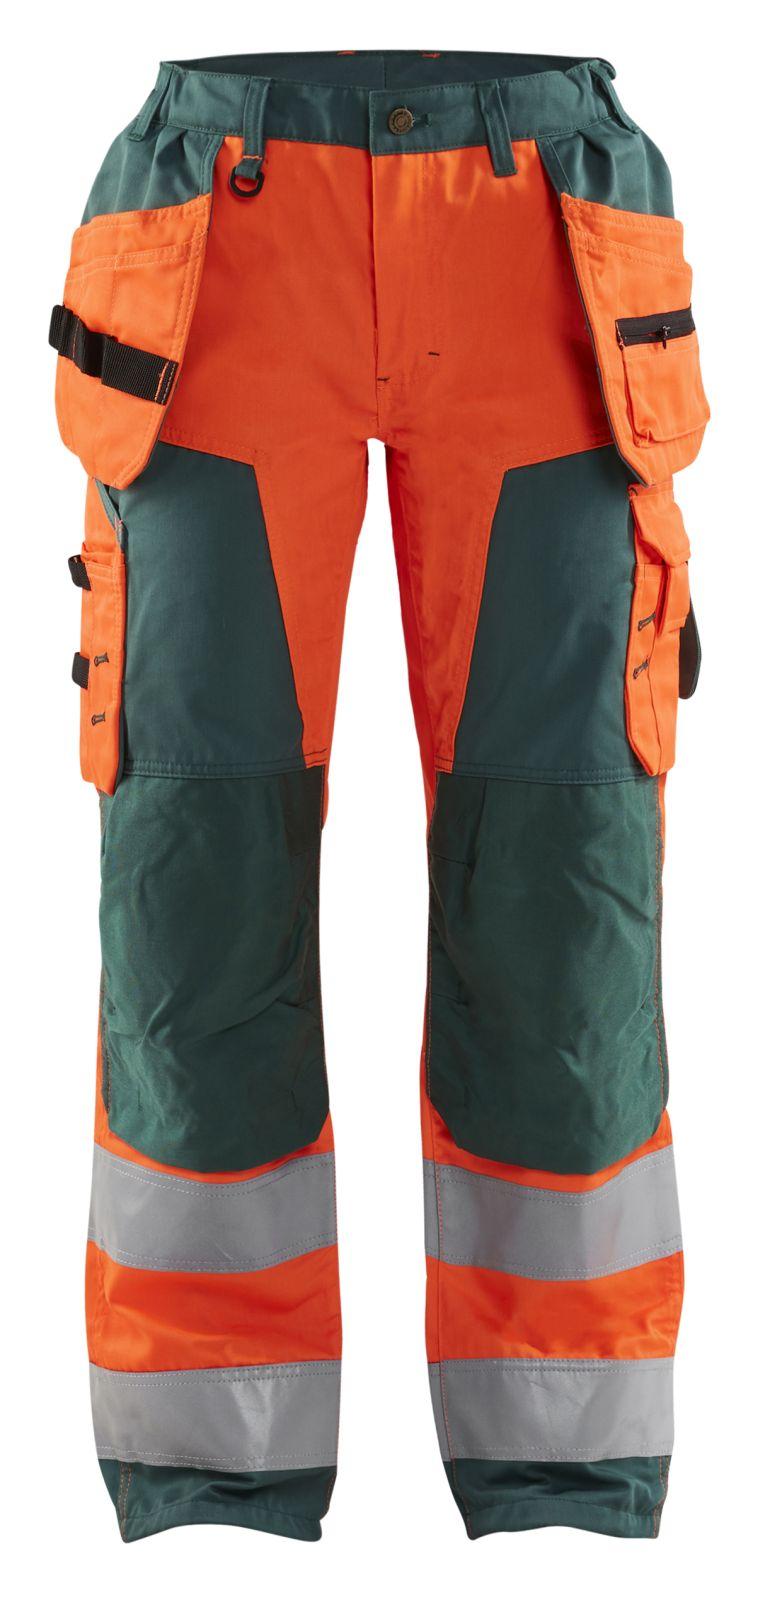 Blaklader Broeken 71561811 High Vis fluo oranje-groen(5349)